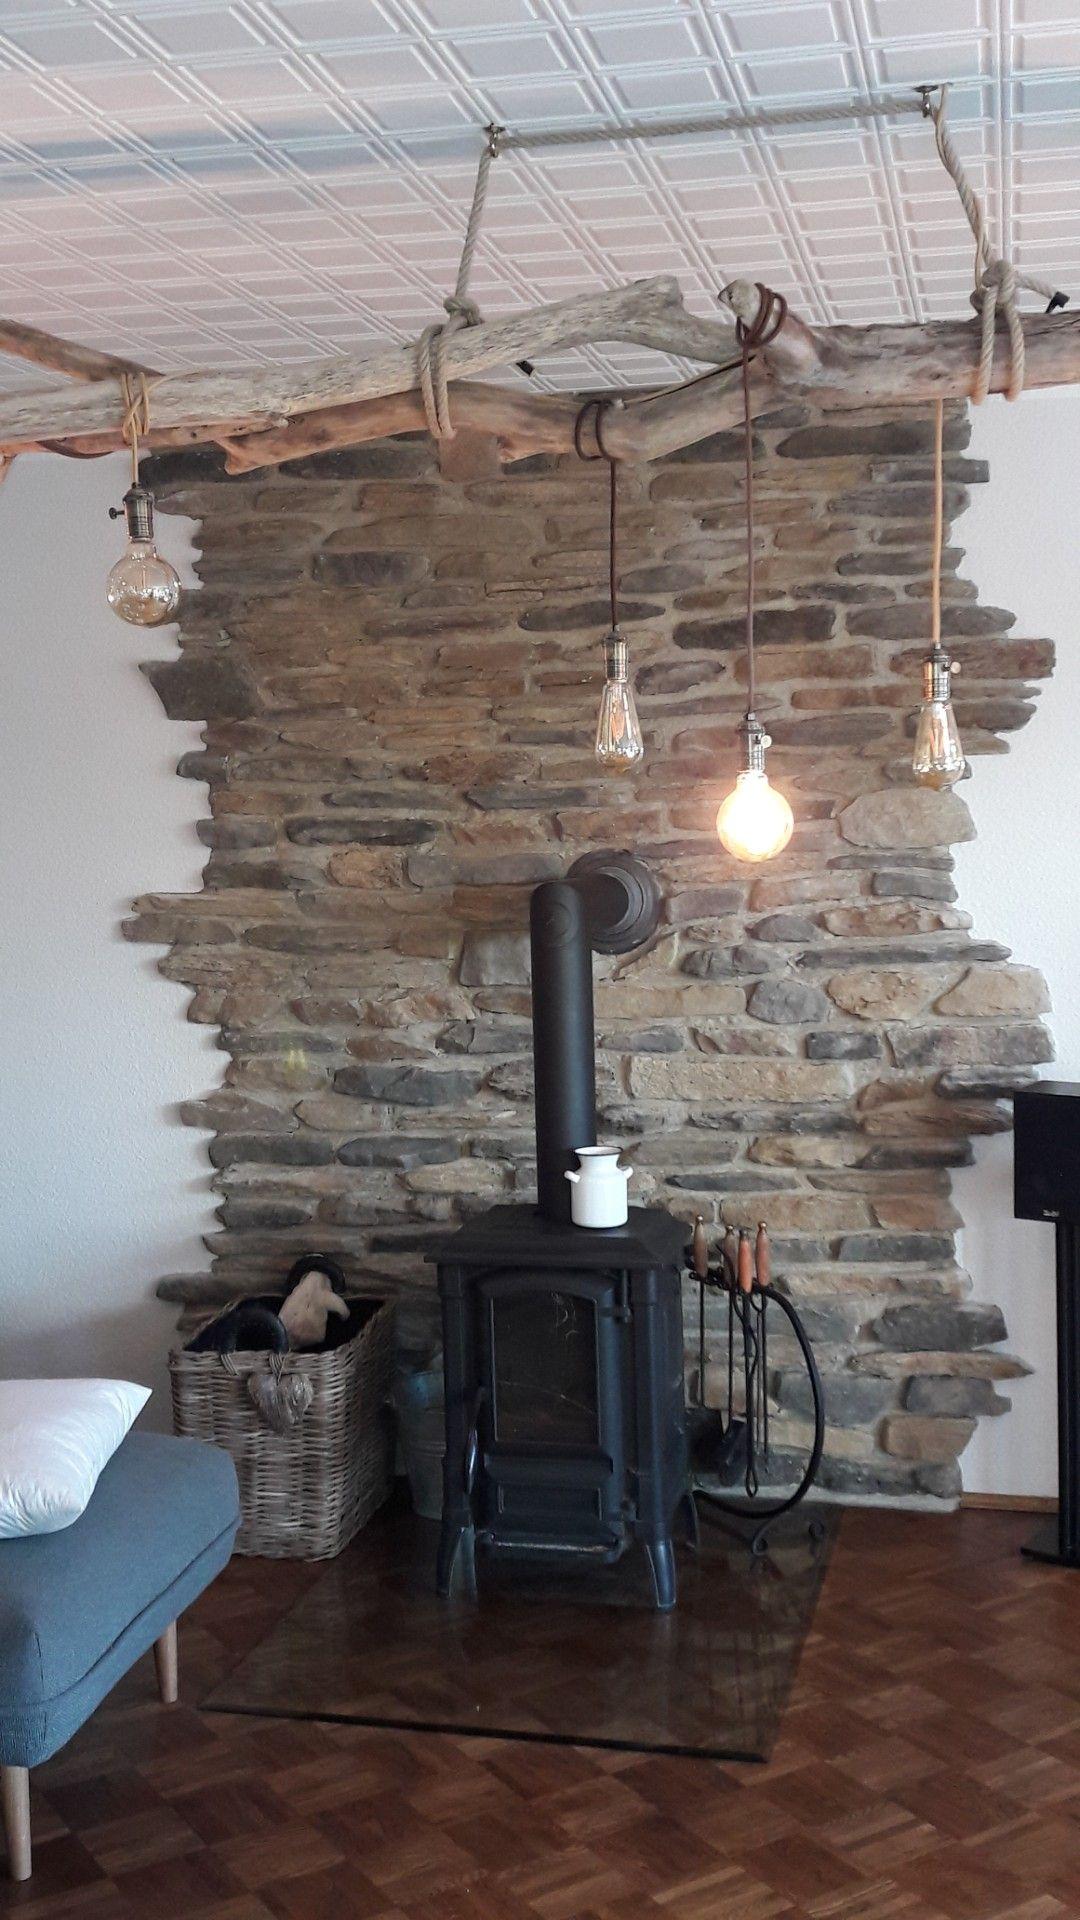 Einfaches wohndesign wohnzimmer landhaus steinwand wohnzimmer gemütlich  wohnideen  pinterest